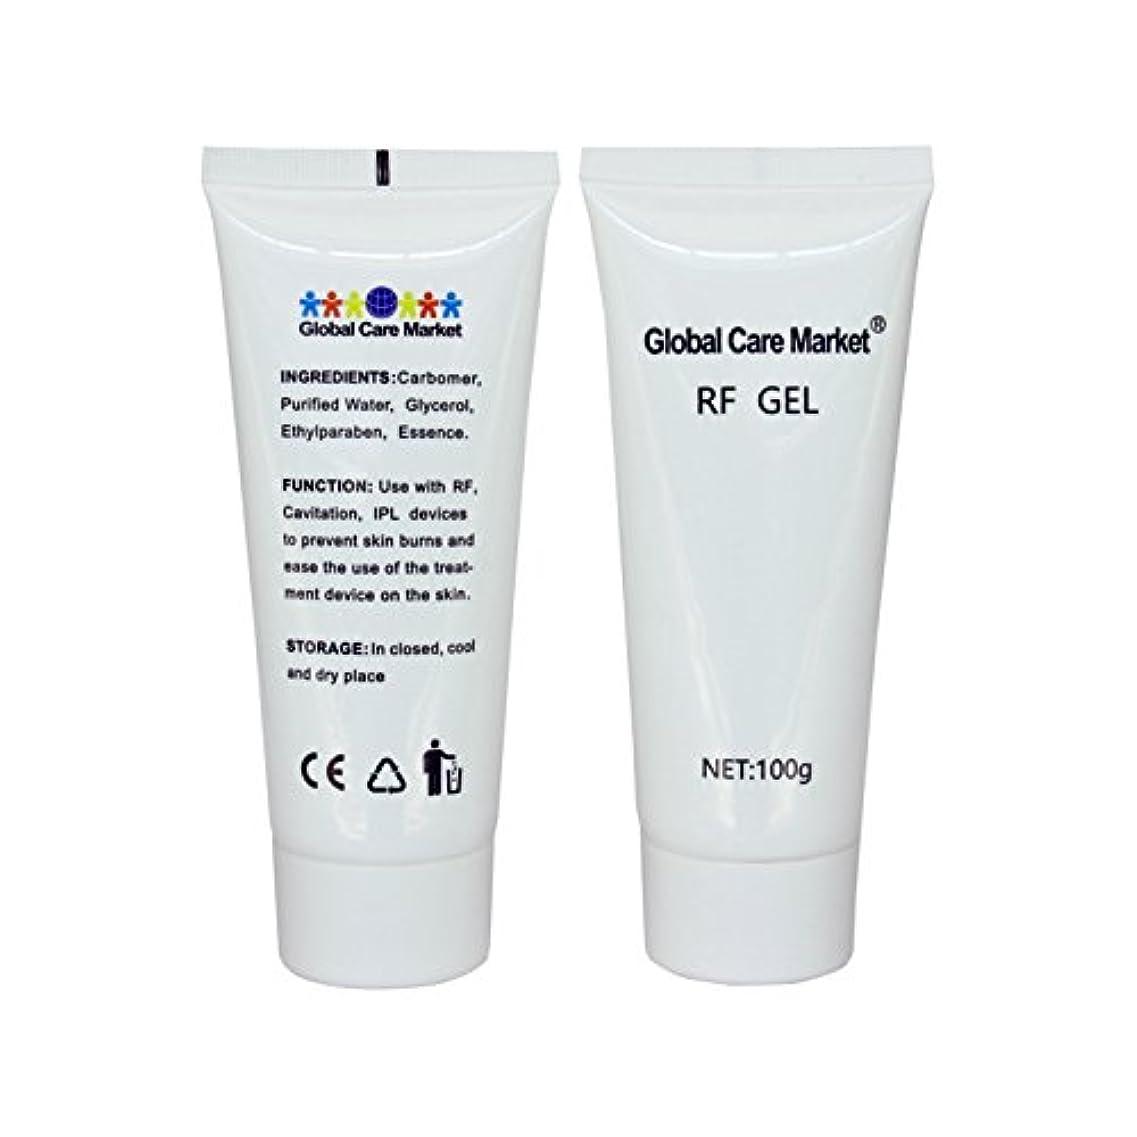 後ろに隙間ダッシュRF GEL(2 Pack) - 高周波治療装置に使用する皮膚冷却および潤滑です